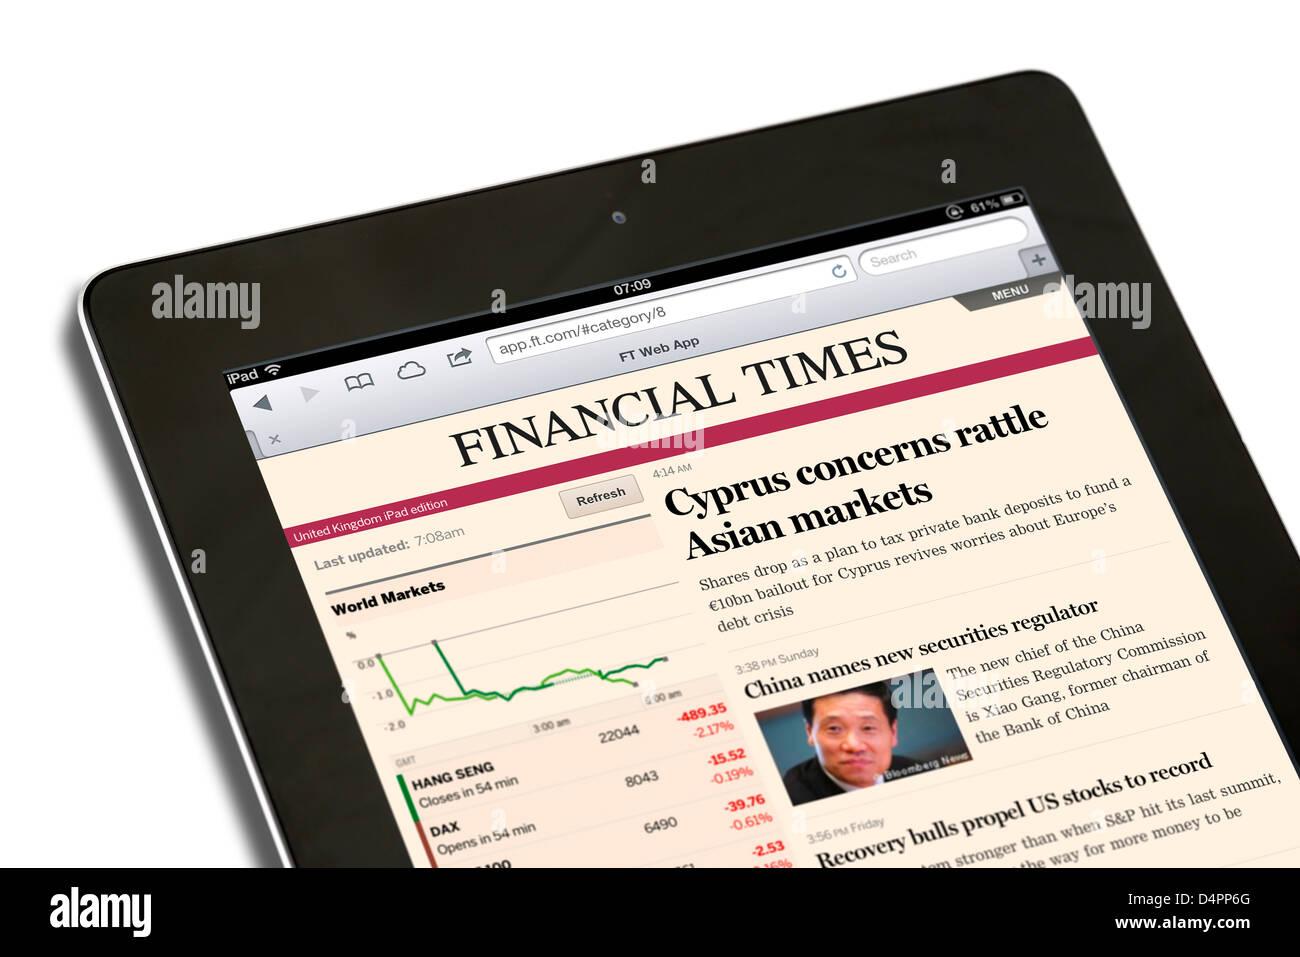 Leer el iPad app web edición del periódico Financial Times en un iPad de 4ª generación, REINO Imagen De Stock